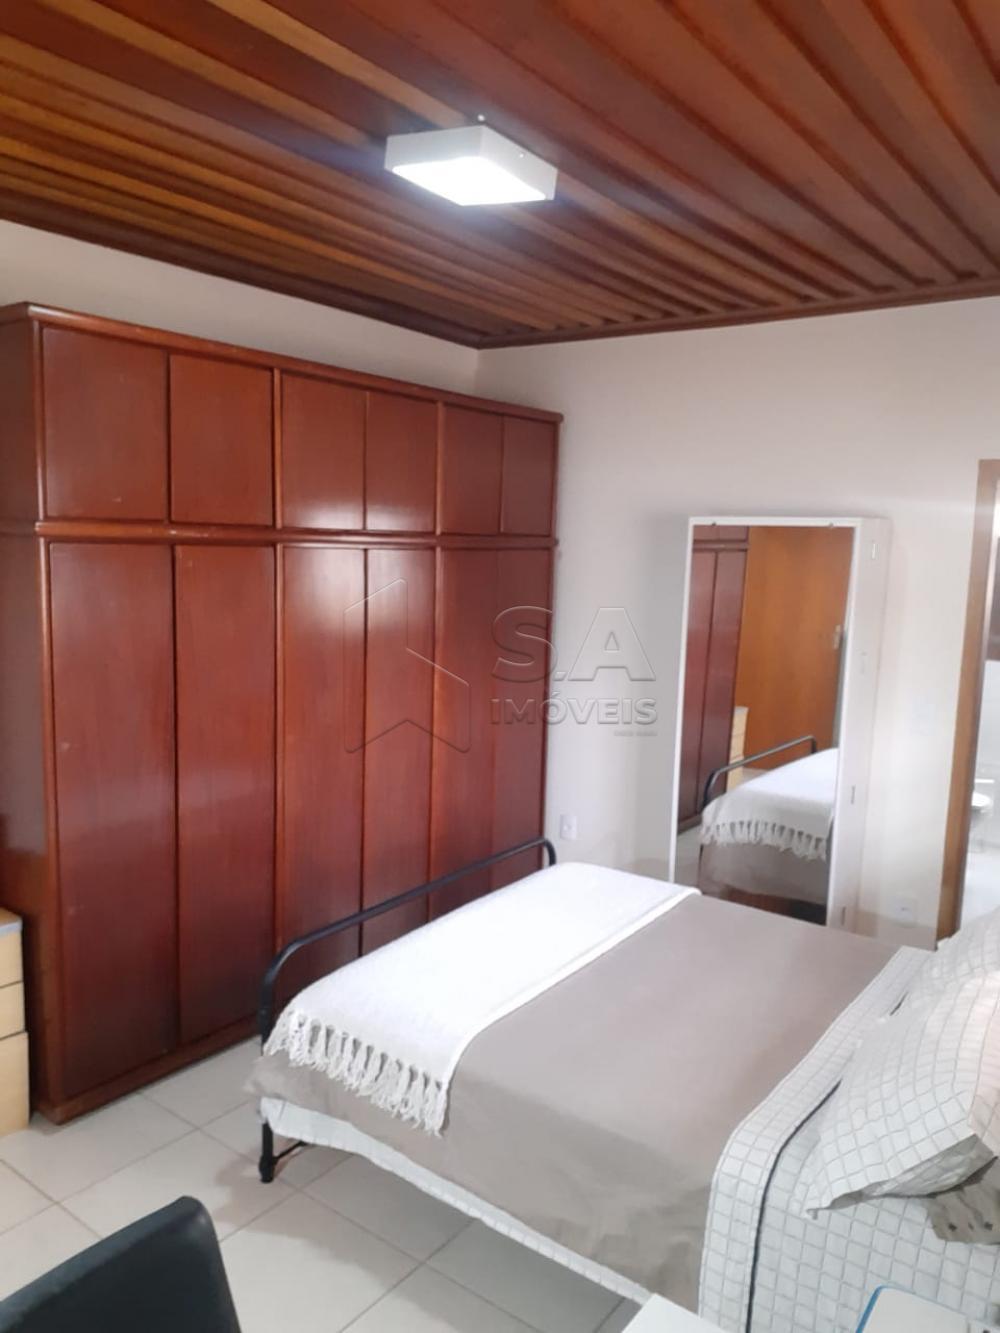 Comprar Casa / Padrão em Botucatu apenas R$ 370.000,00 - Foto 20